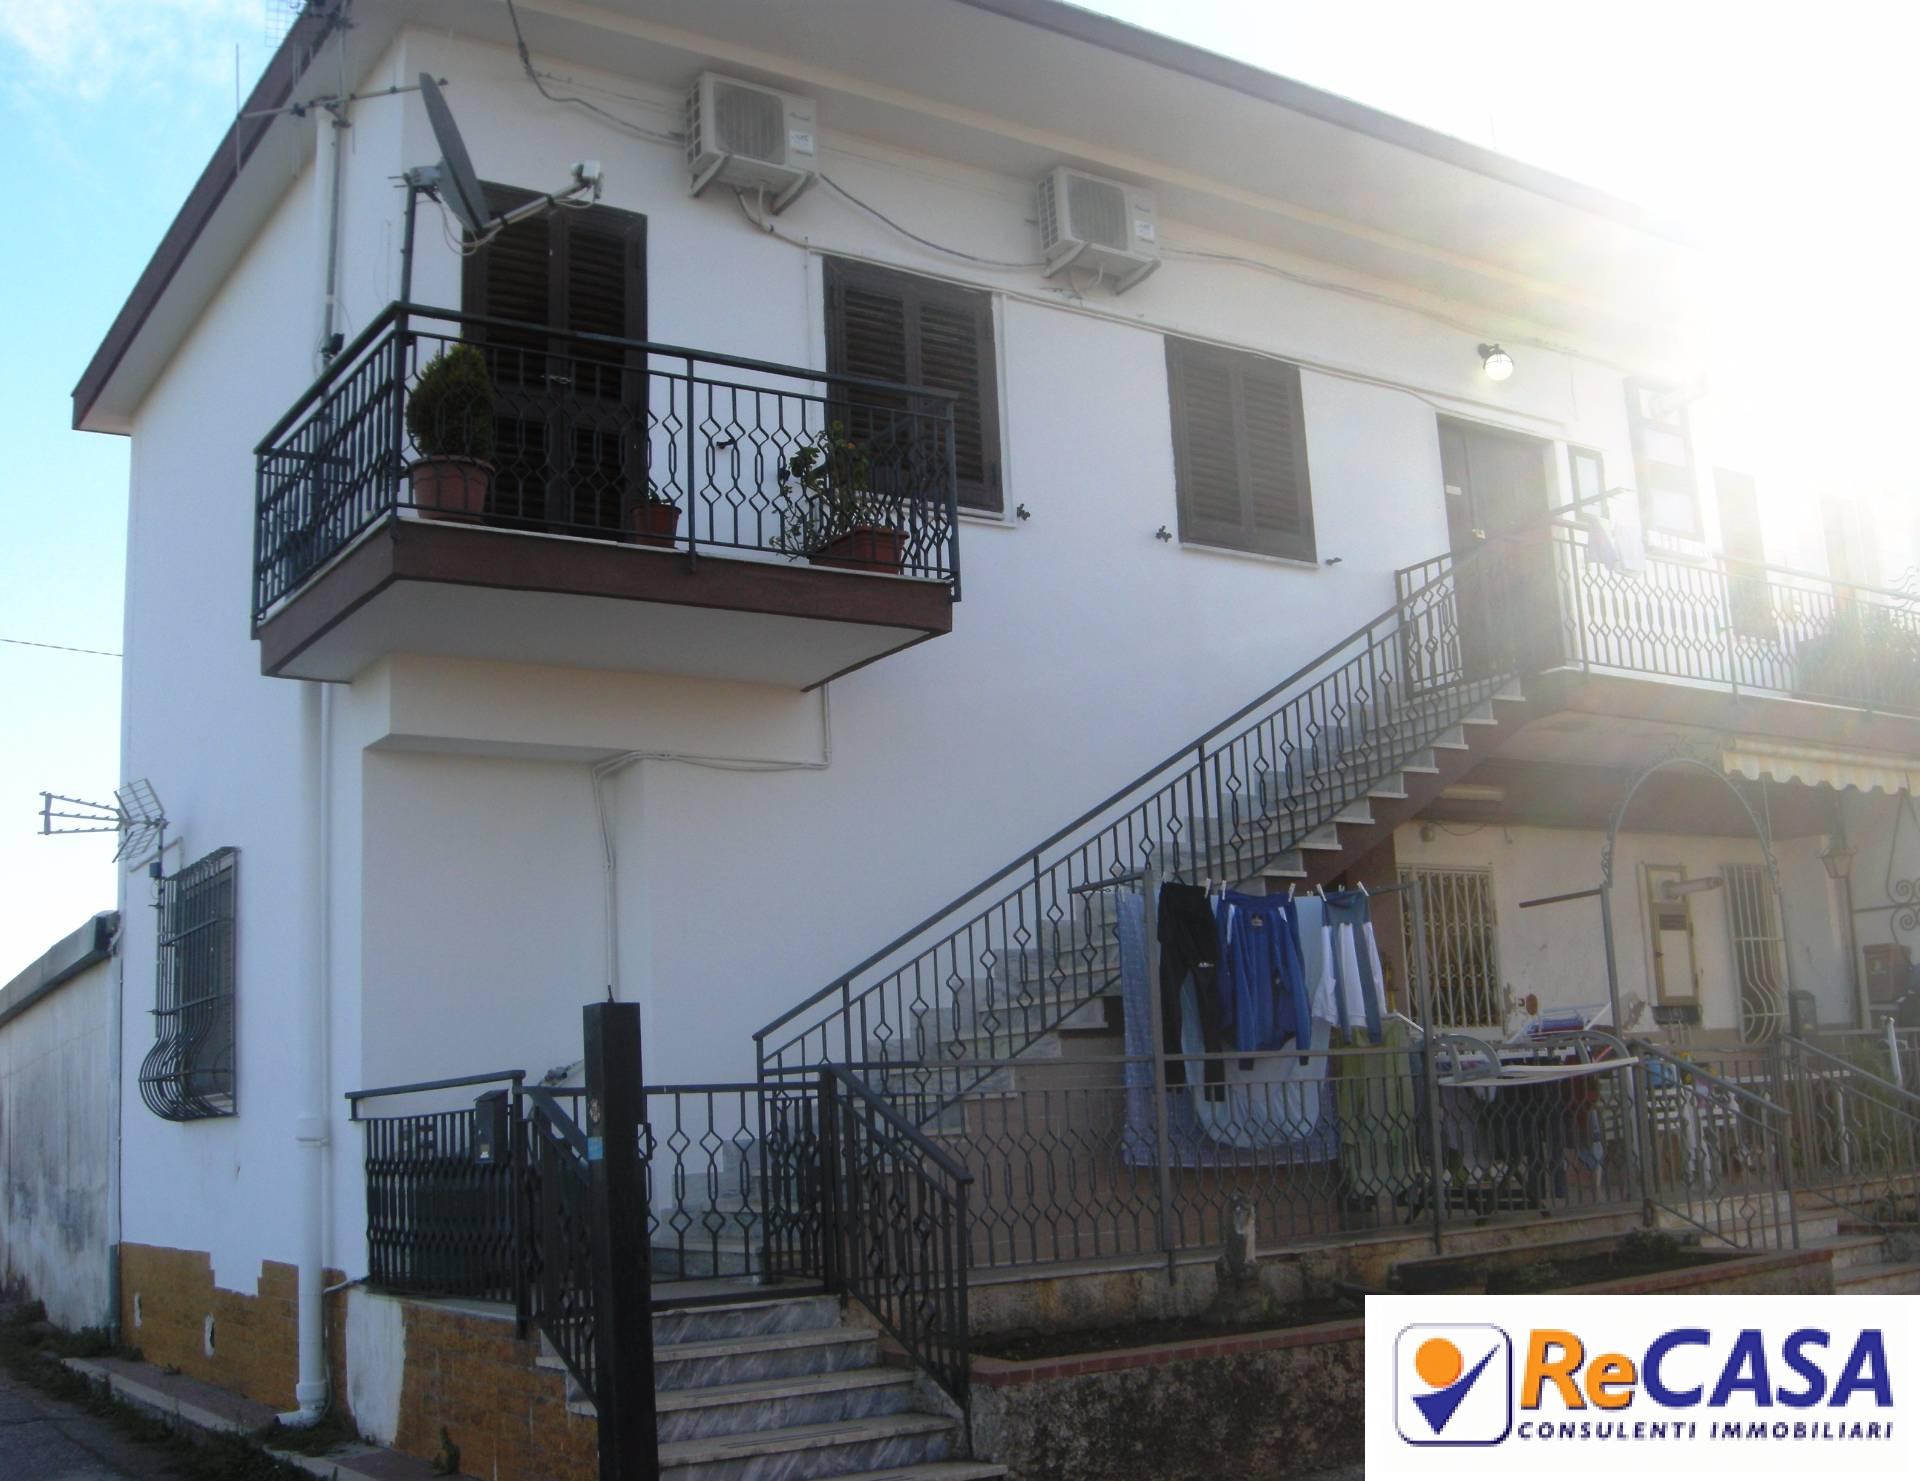 Appartamento in vendita a Pontecagnano Faiano, 2 locali, zona Zona: Pontecagnano, prezzo € 55.000 | CambioCasa.it